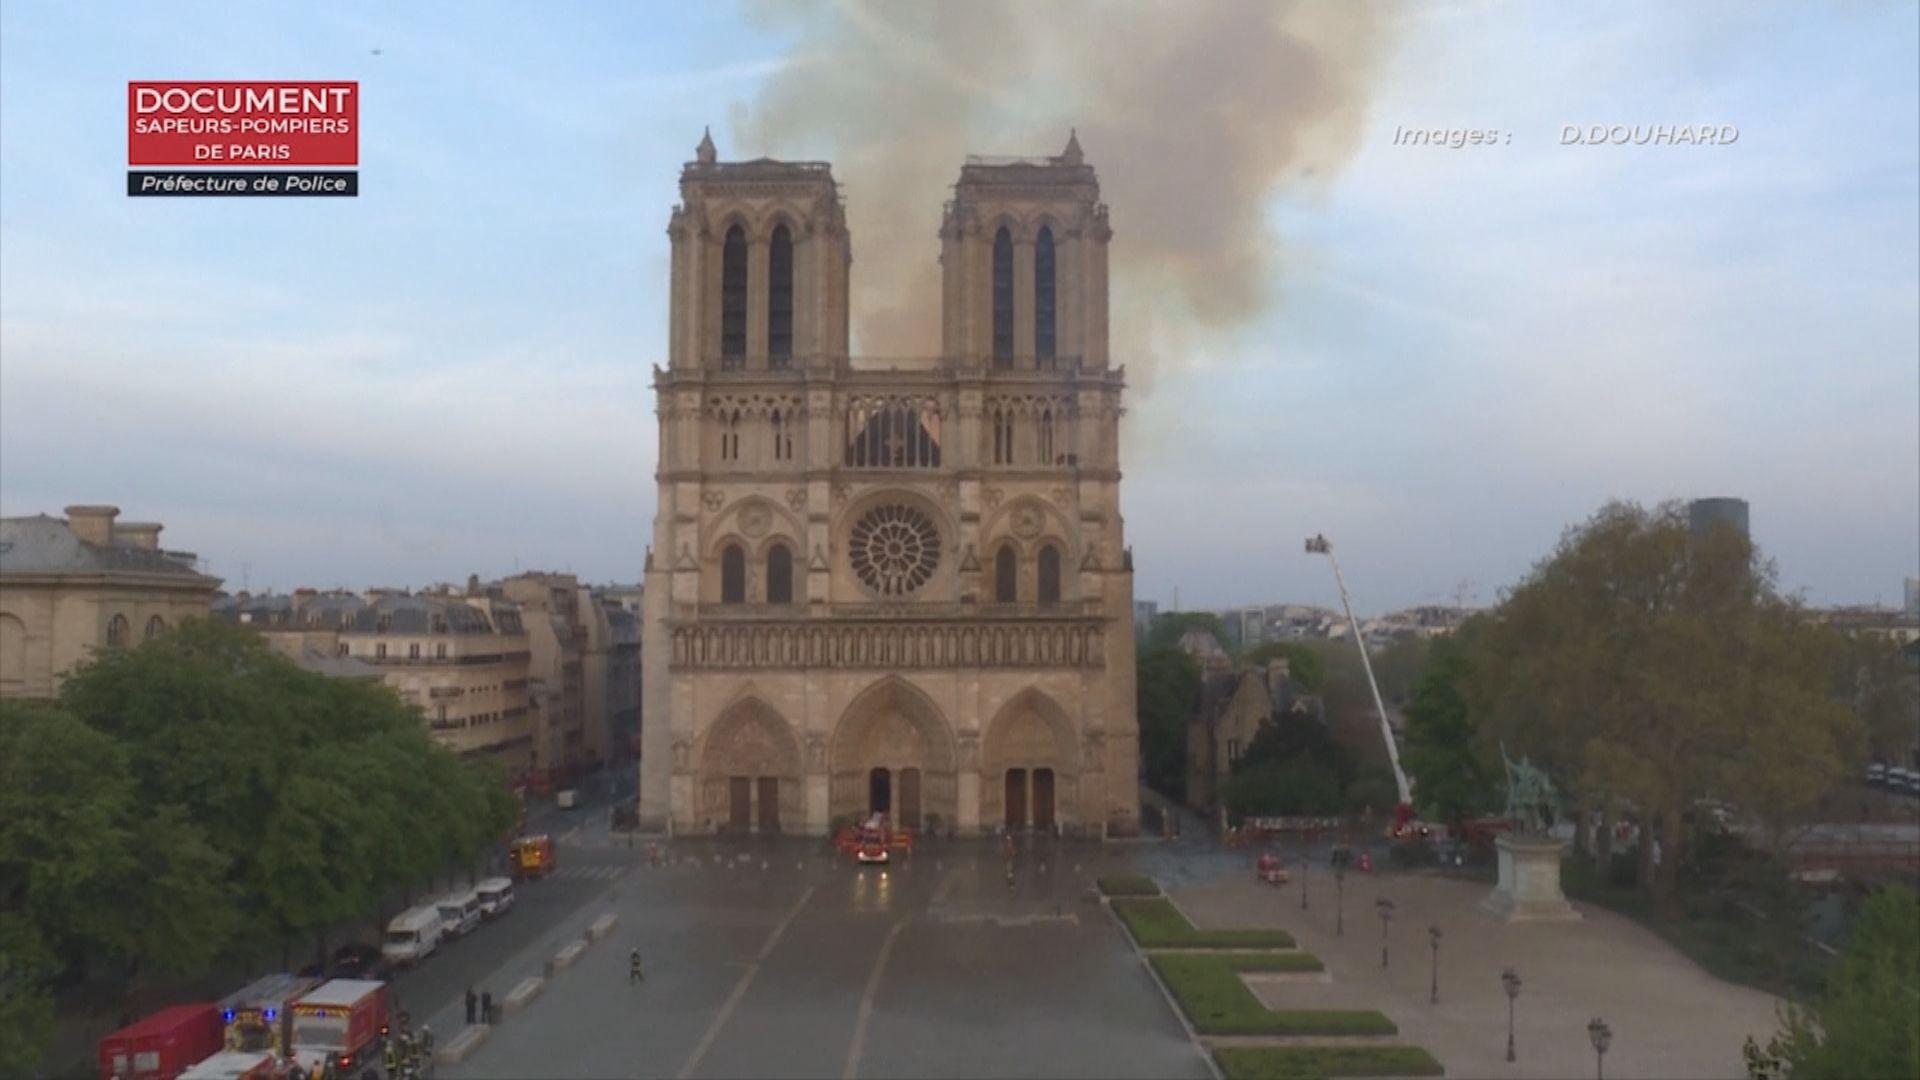 巴黎聖母院大火 重建捐款已超過6億歐元